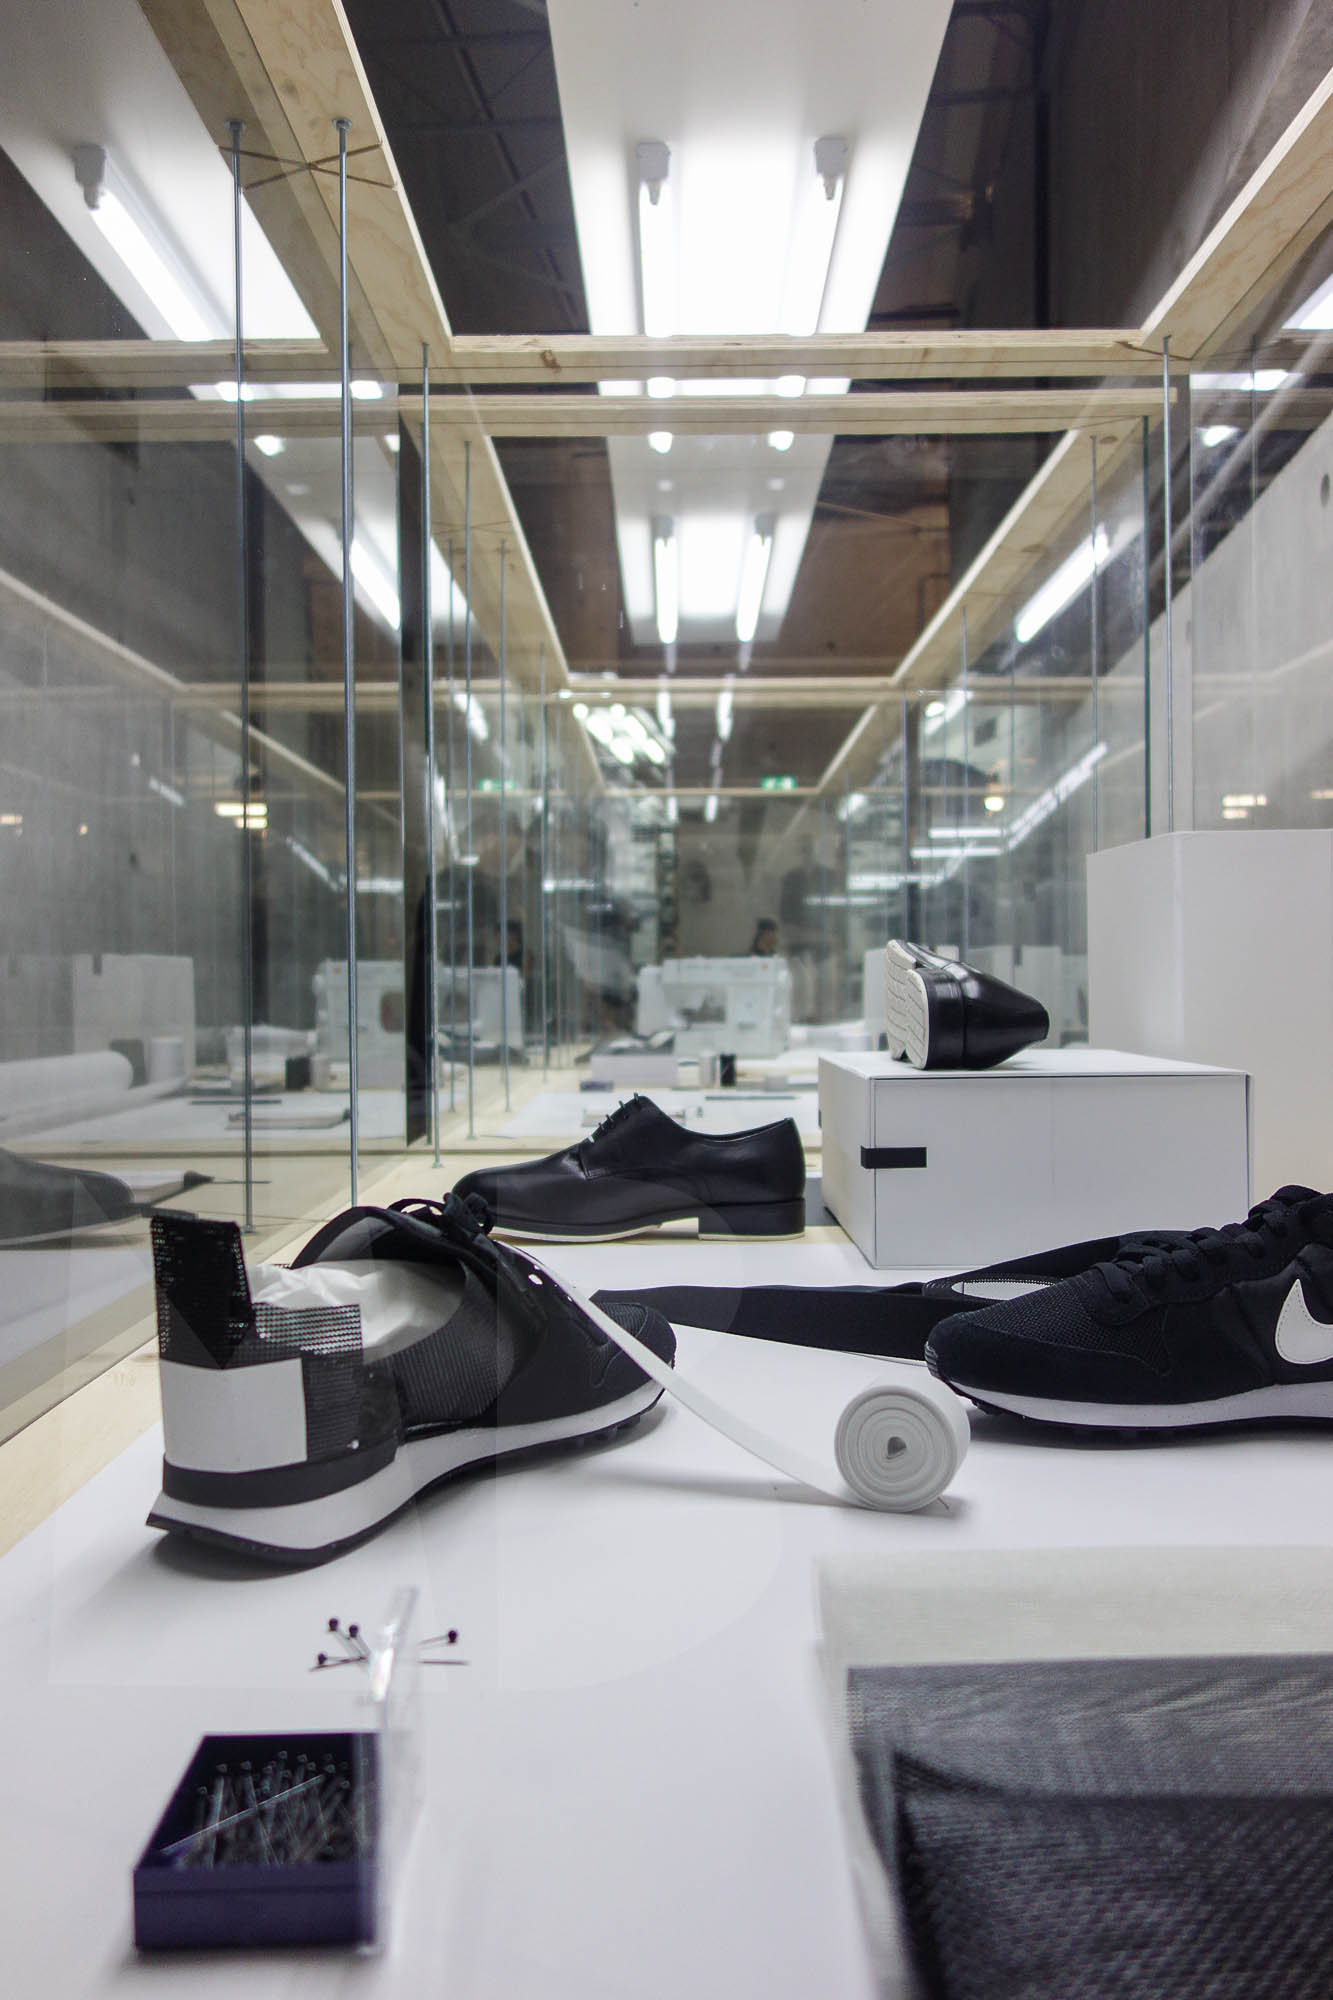 tijdelijk_modemuseum_mimibrlin-02625